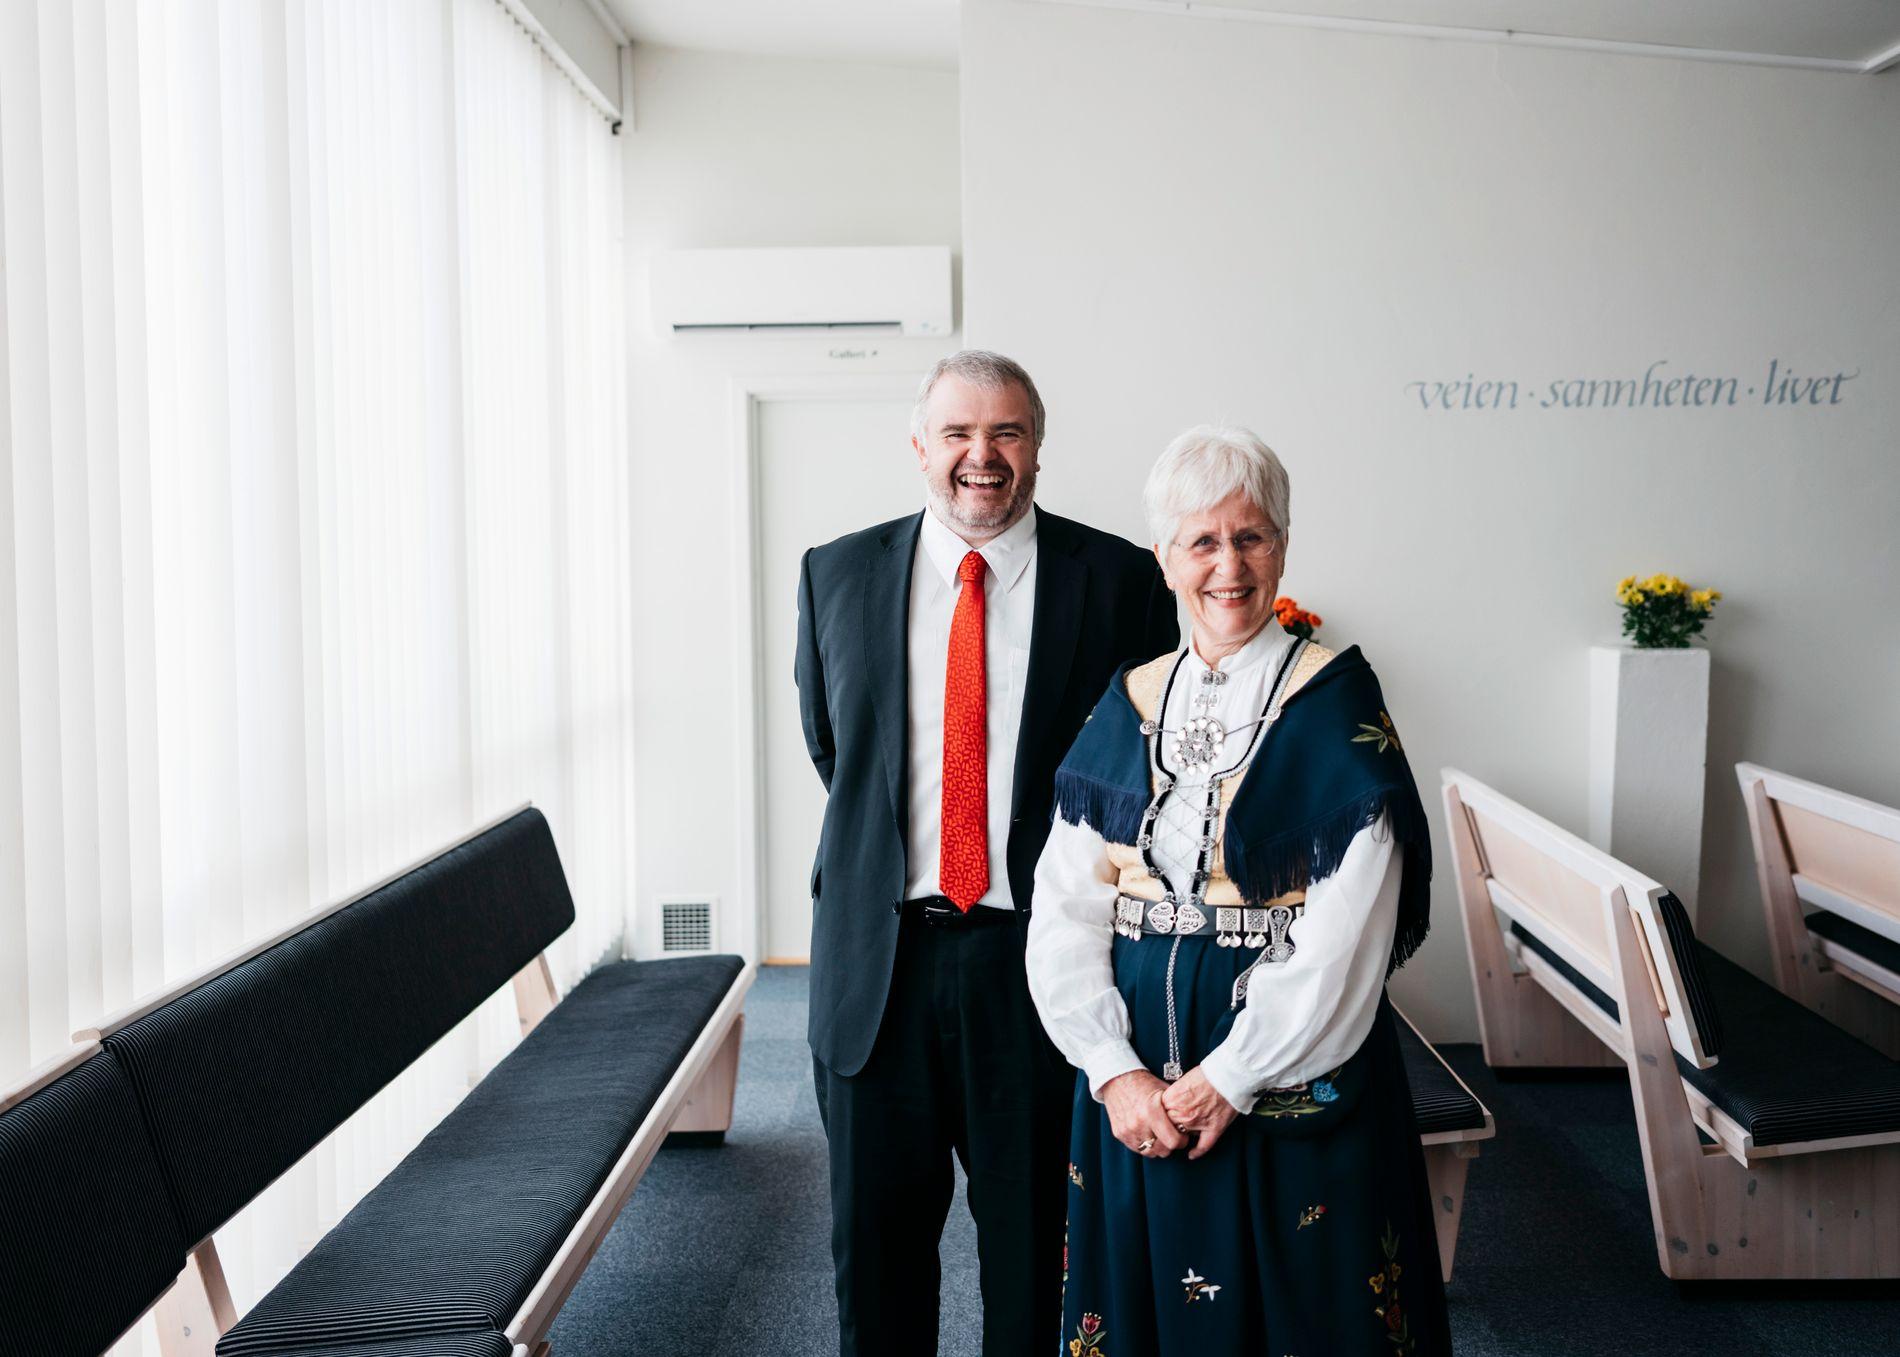 TROSFELLER: Magnar Meland og Margun Warem deler tro, men ikke parti. Meland er KrFs ordførerkandidat i kommunen, mens Warem ikke er med i partiet.